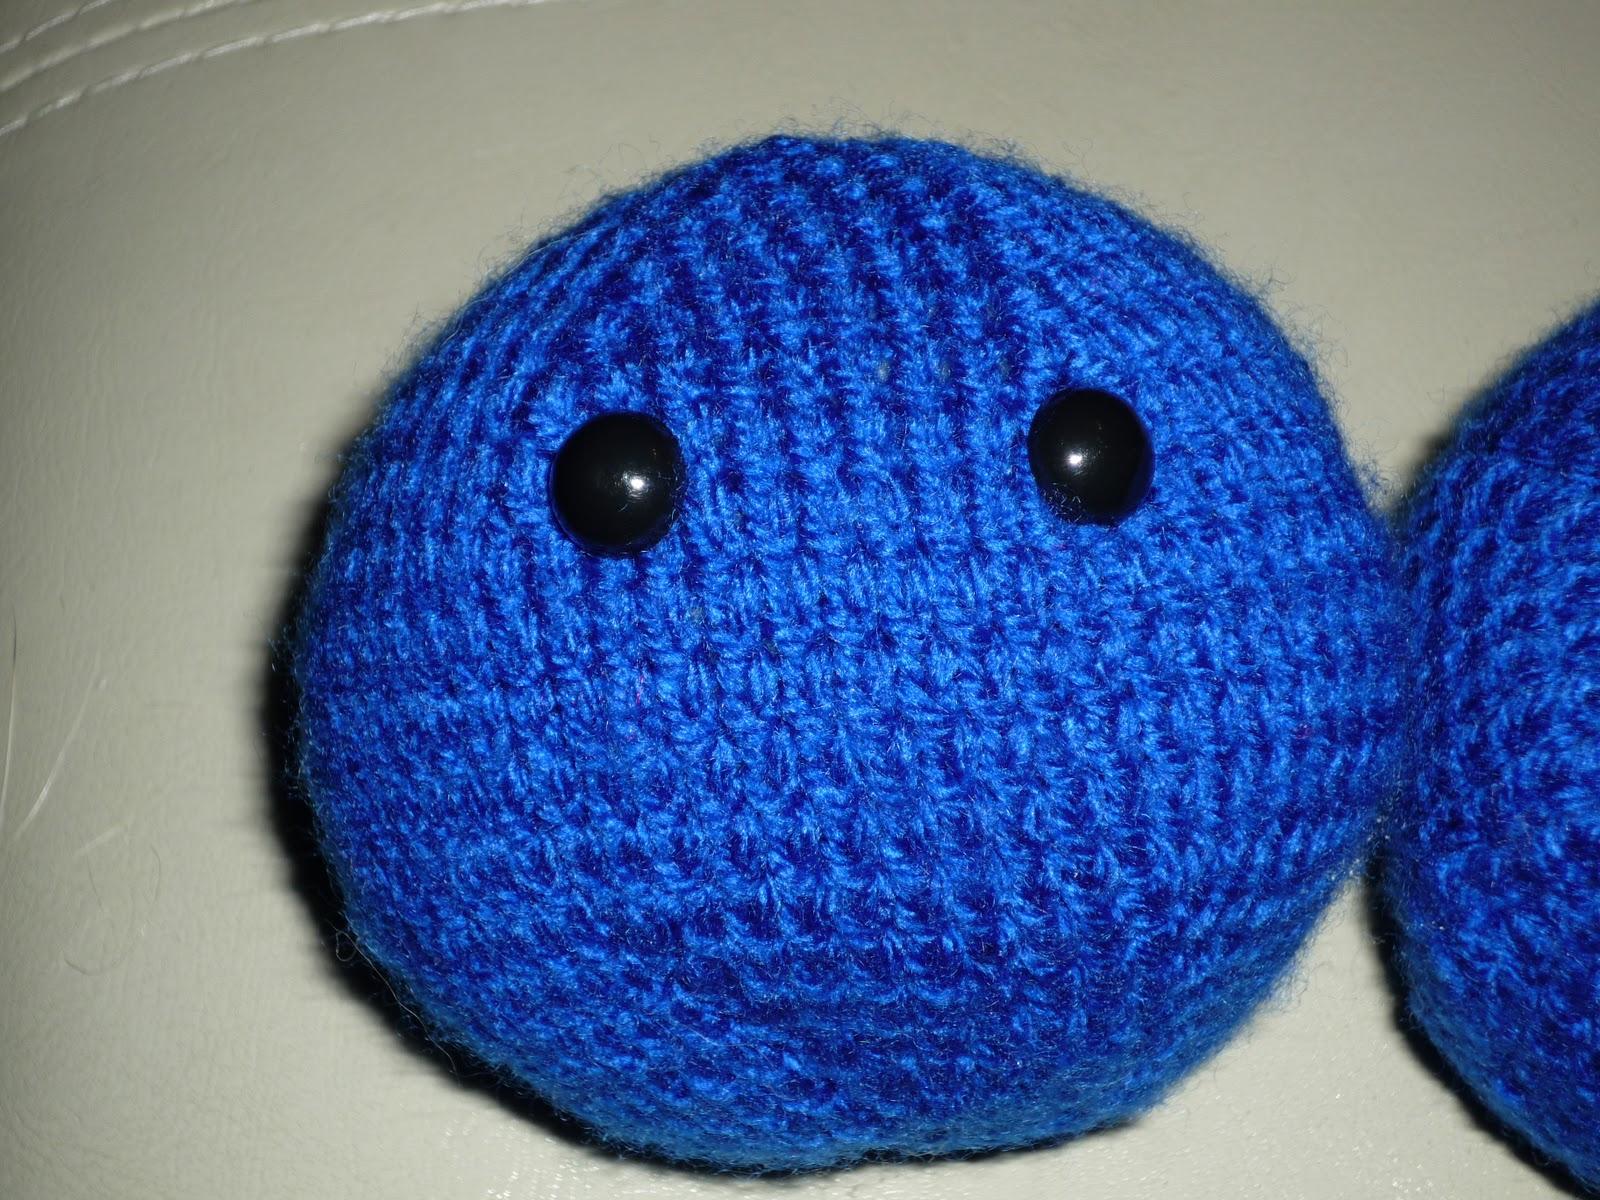 Knitting Kfb Twice : Marmokachi s azurill knitting pattern